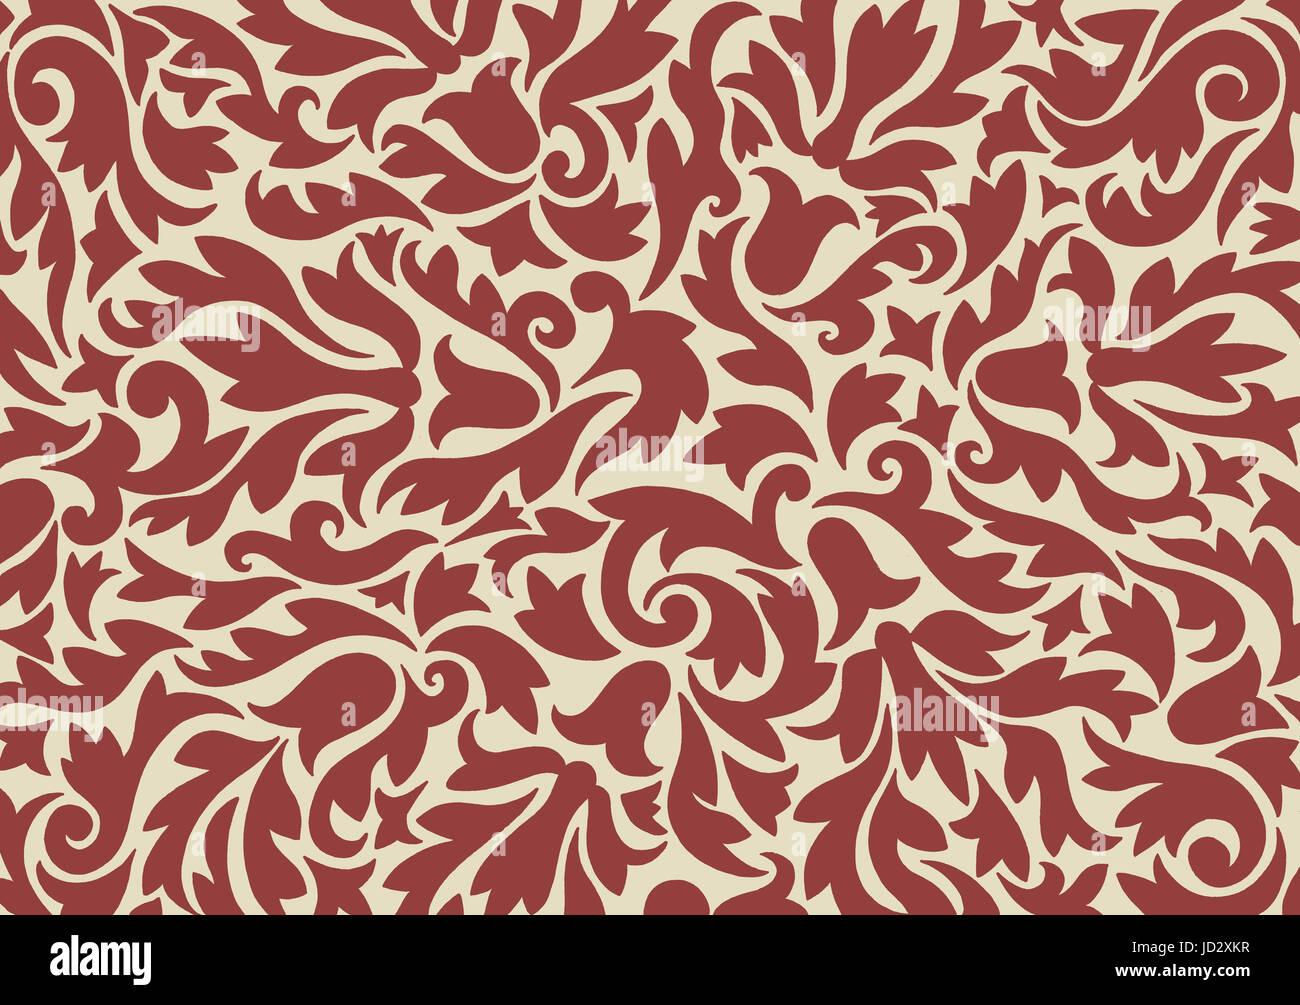 Eine Hand gezeichnete nicht wiederholende Muster inspiriert von mittelalterlichen Entwürfen Stockbild